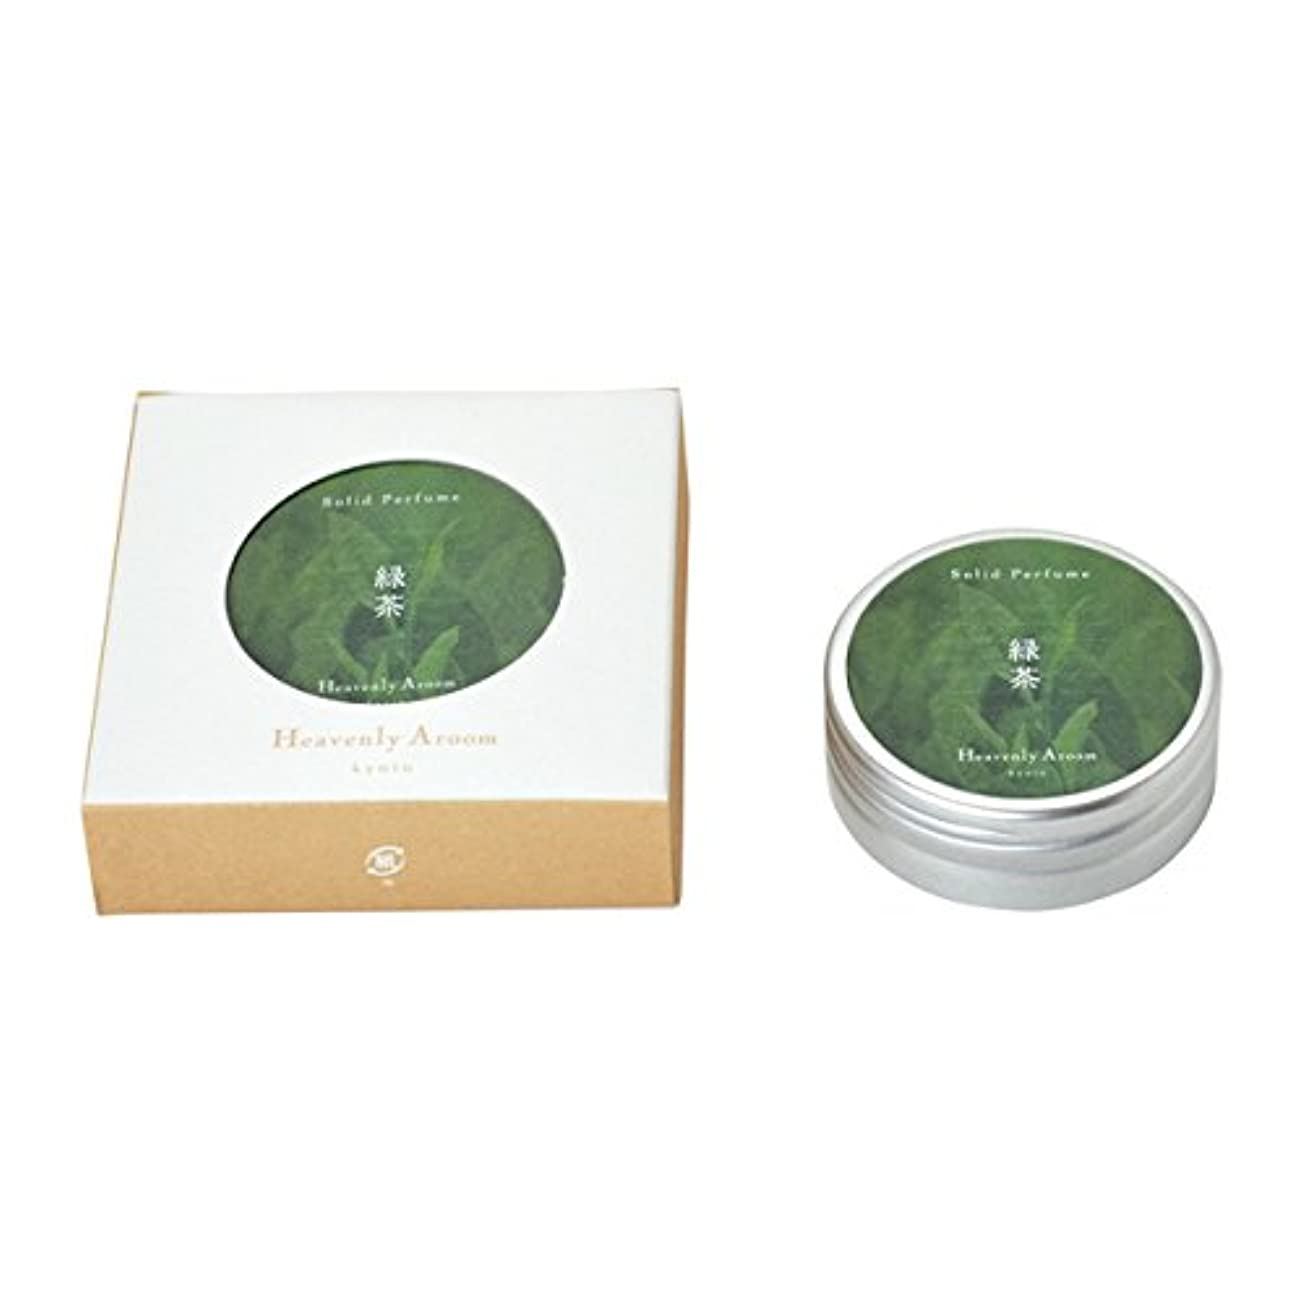 チャネル利用可能帳面Heavenly Aroom ソリッドパフューム 緑茶 15g